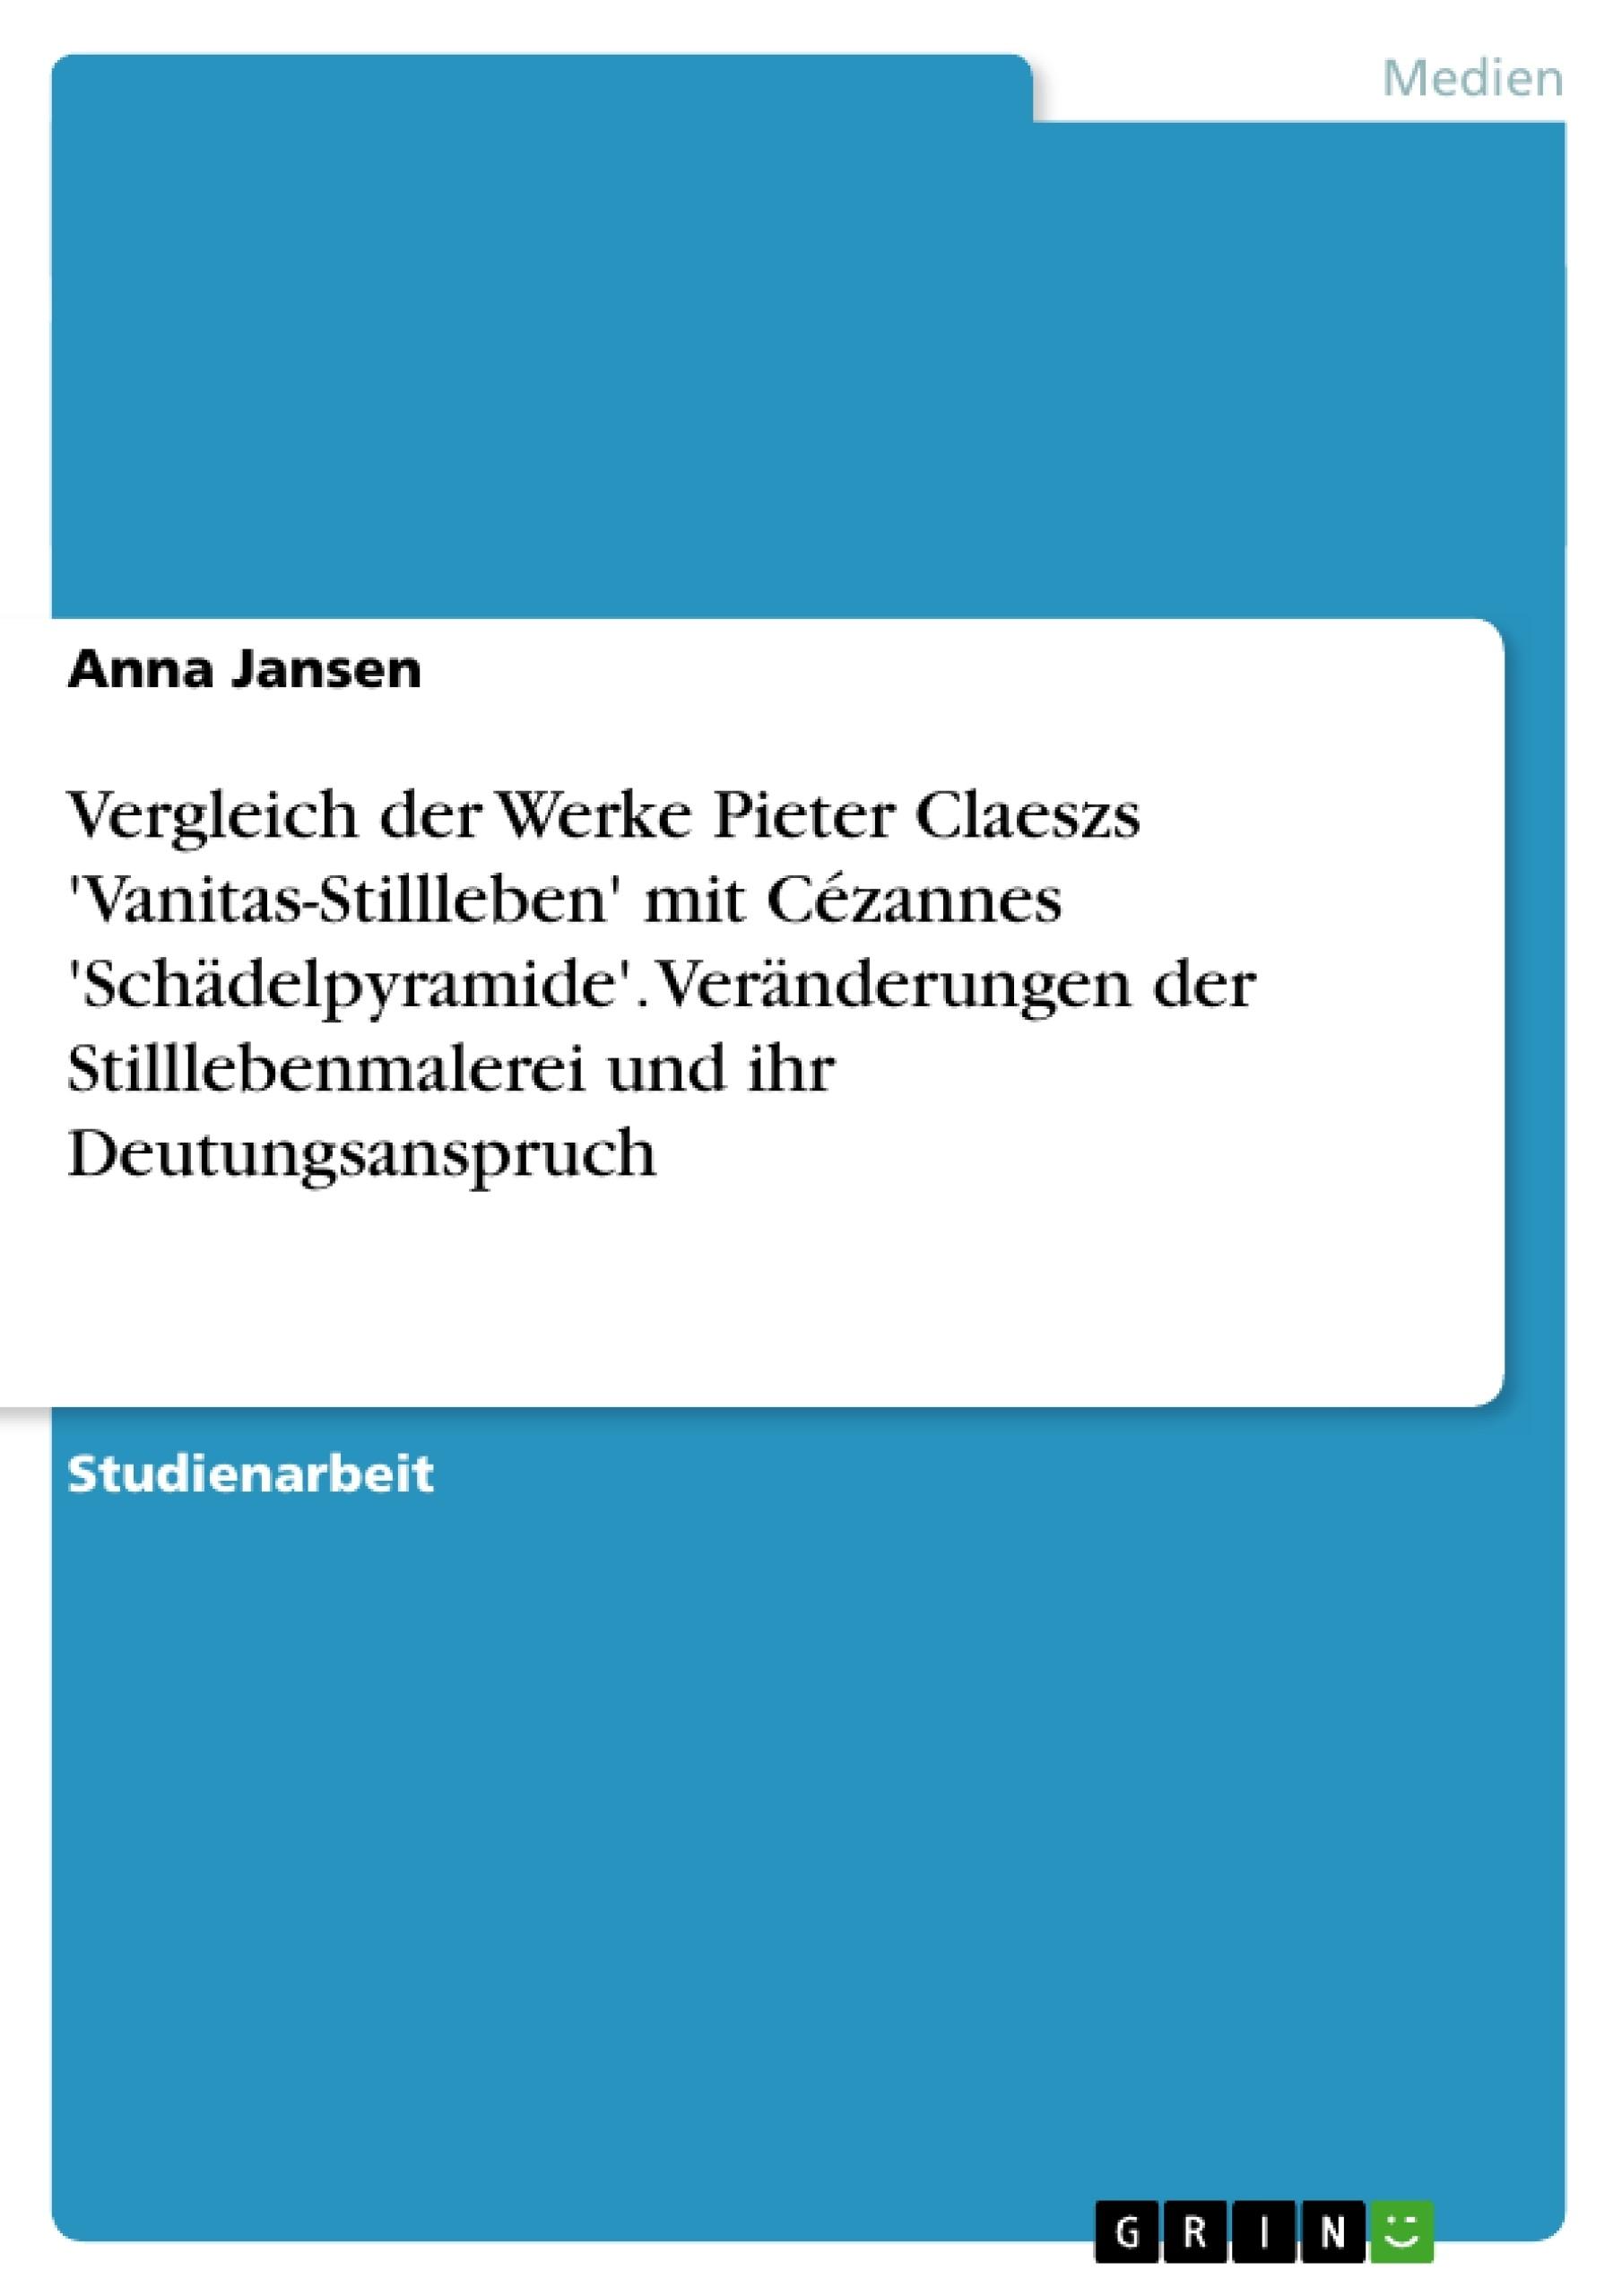 Titel: Vergleich der Werke Pieter Claeszs 'Vanitas-Stillleben' mit Cézannes 'Schädelpyramide'. Veränderungen der Stilllebenmalerei und ihr Deutungsanspruch